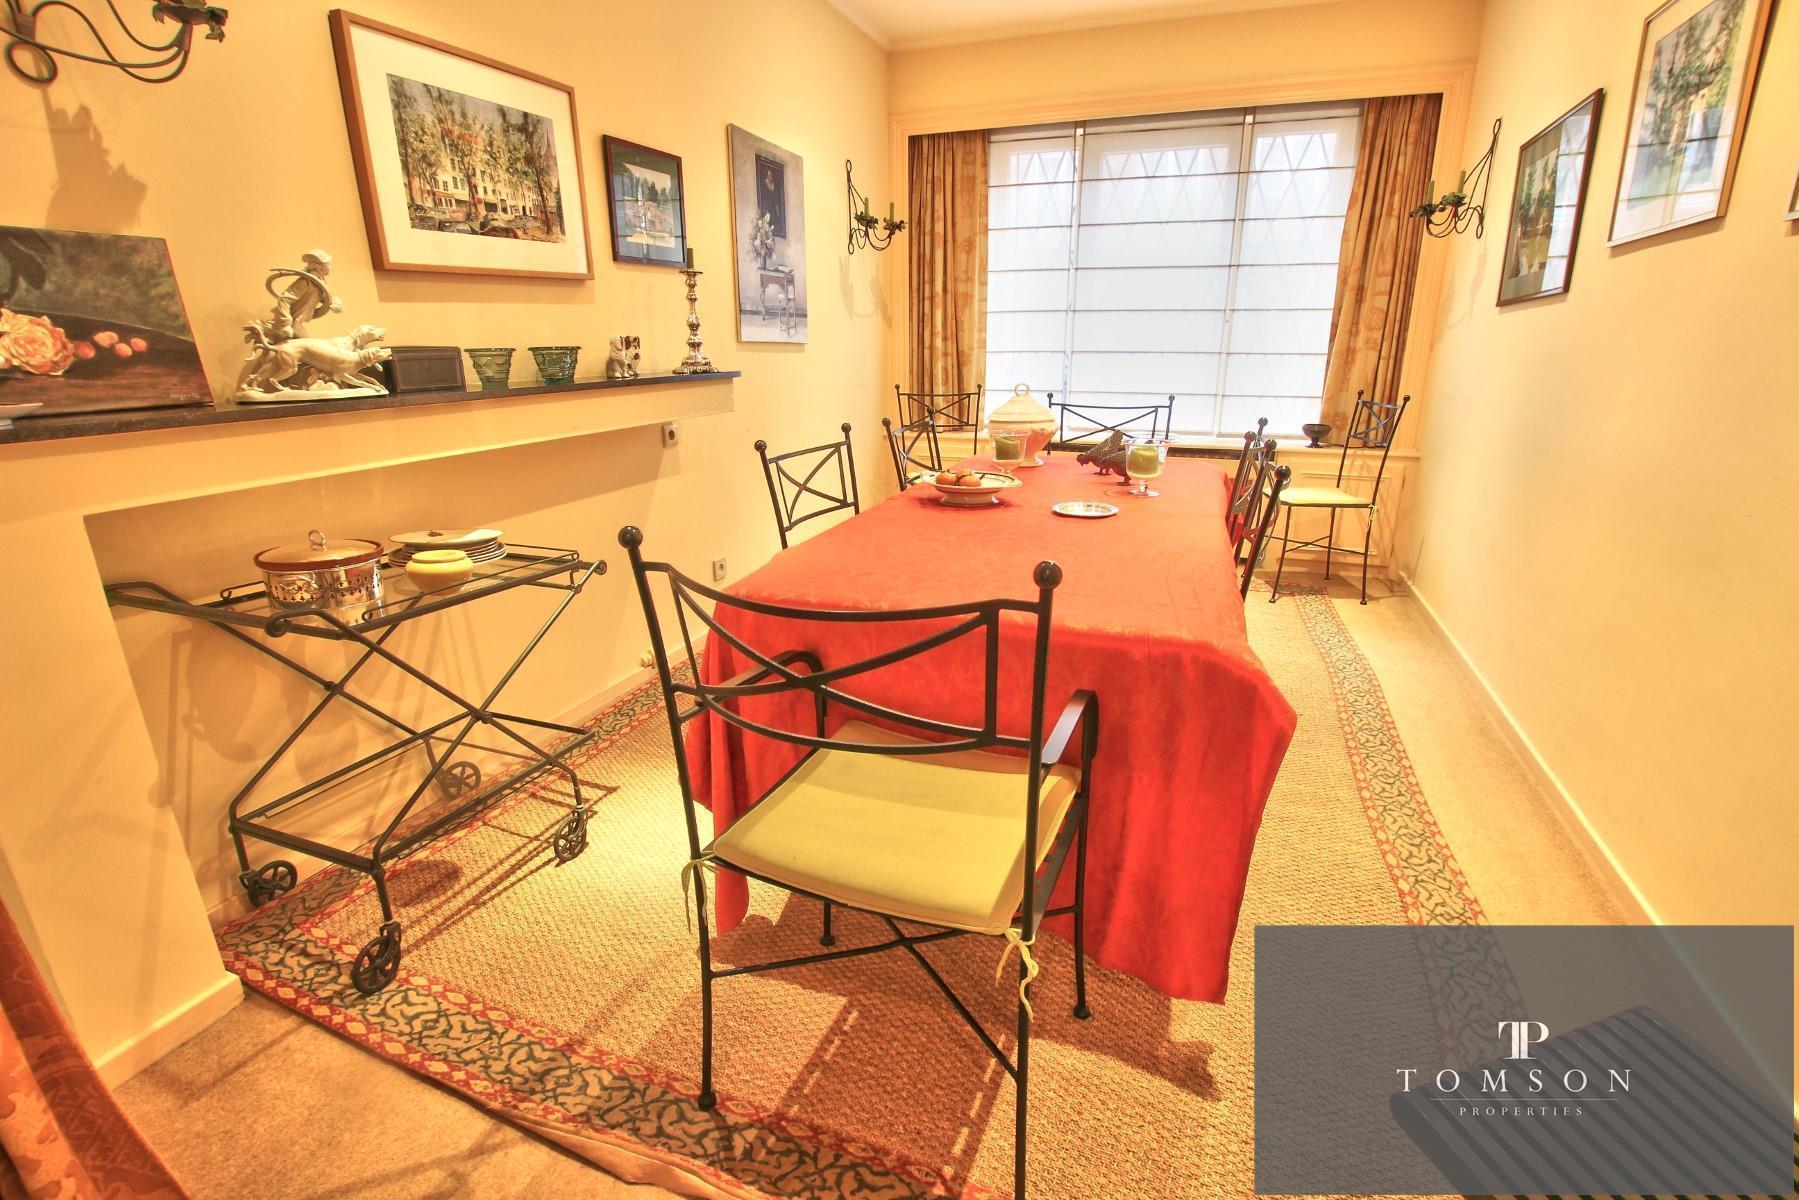 Appartement exceptionnel - Ixelles - #4098210-4